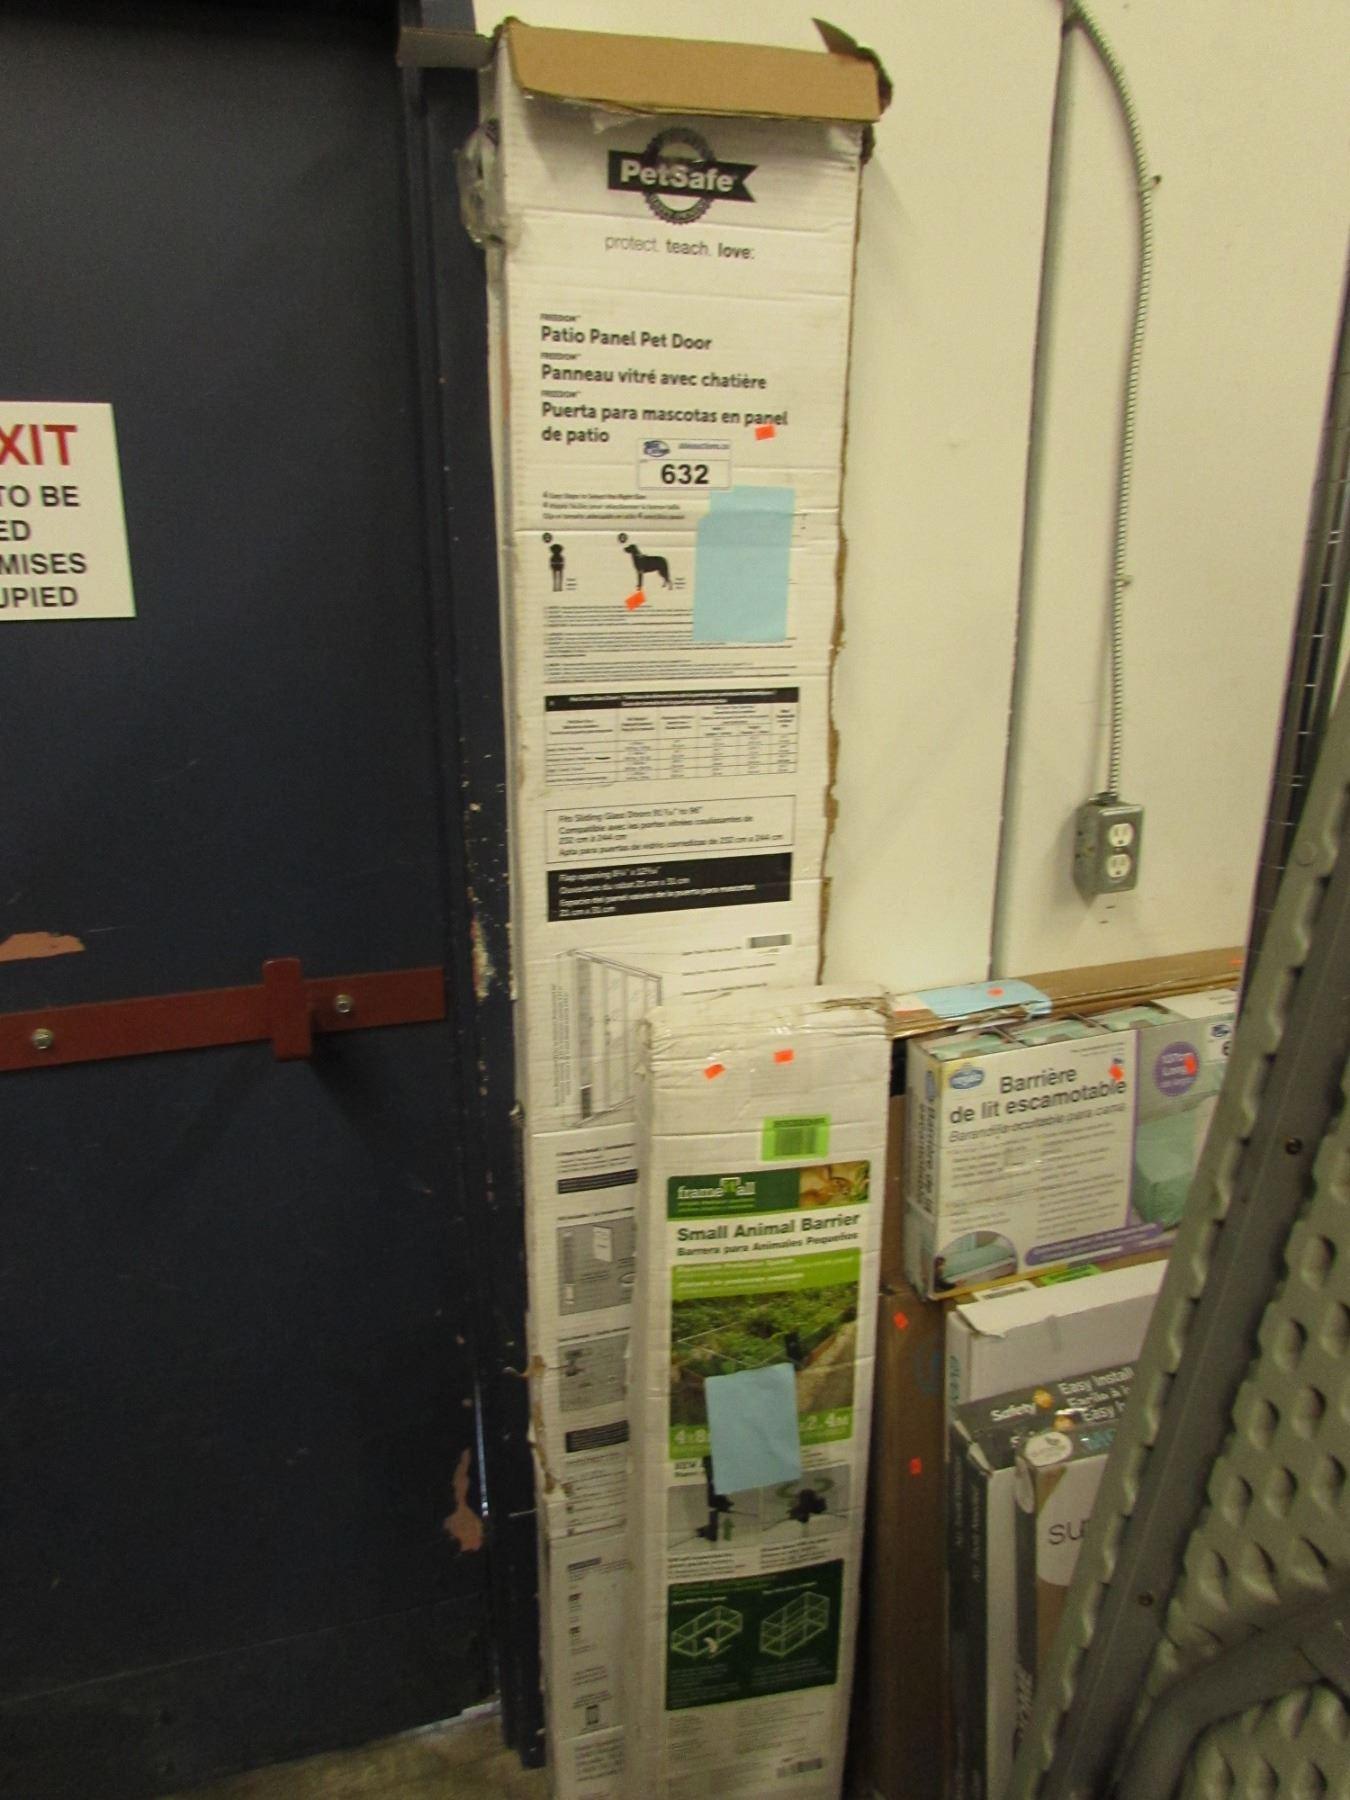 Image 1  PETSAFE PATIO PANEL PET DOOR u0026 SMALL ANIMAL BARRIER & PETSAFE PATIO PANEL PET DOOR u0026 SMALL ANIMAL BARRIER